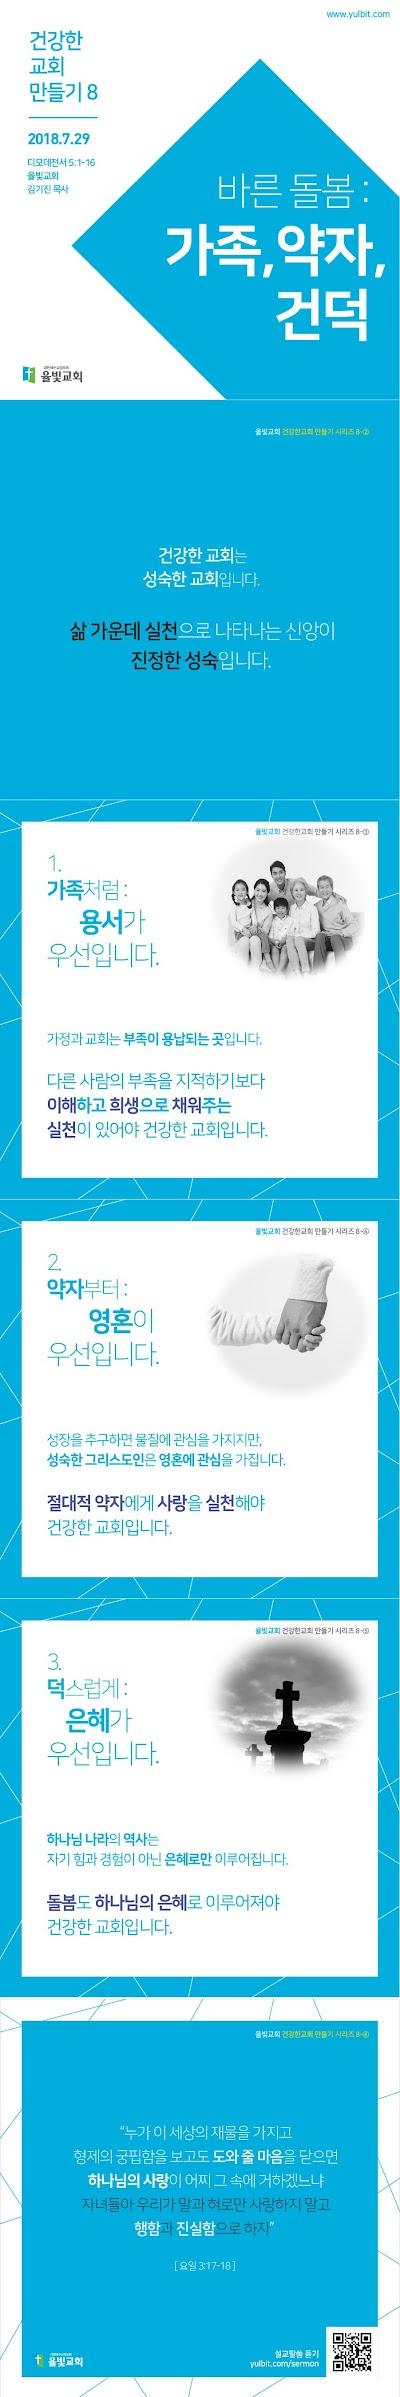 20180730-바른돌봄 가족 약자 건덕_0.jpg